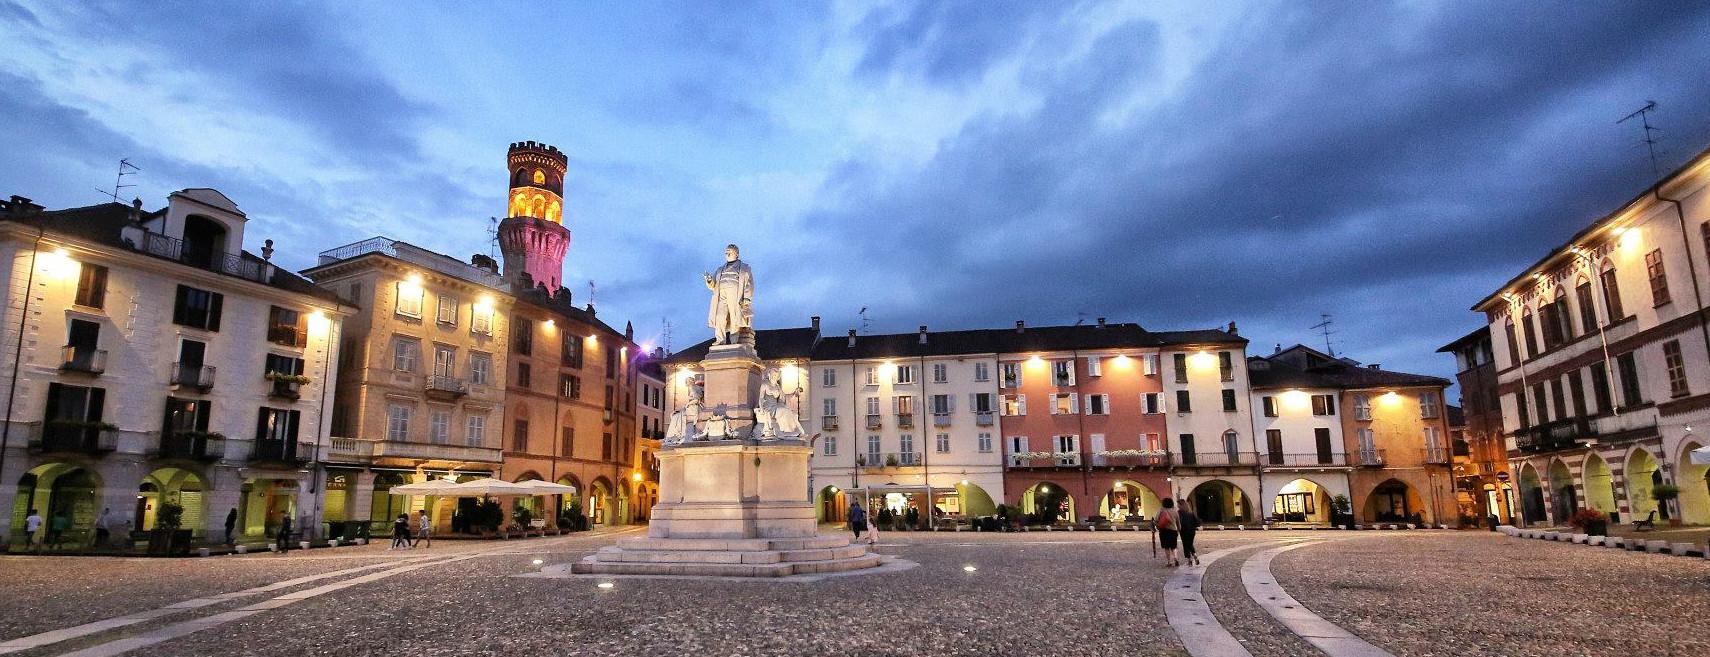 Convocazione Assemblea Provinciale Ordinaria Elettiva A S C  Vercelli